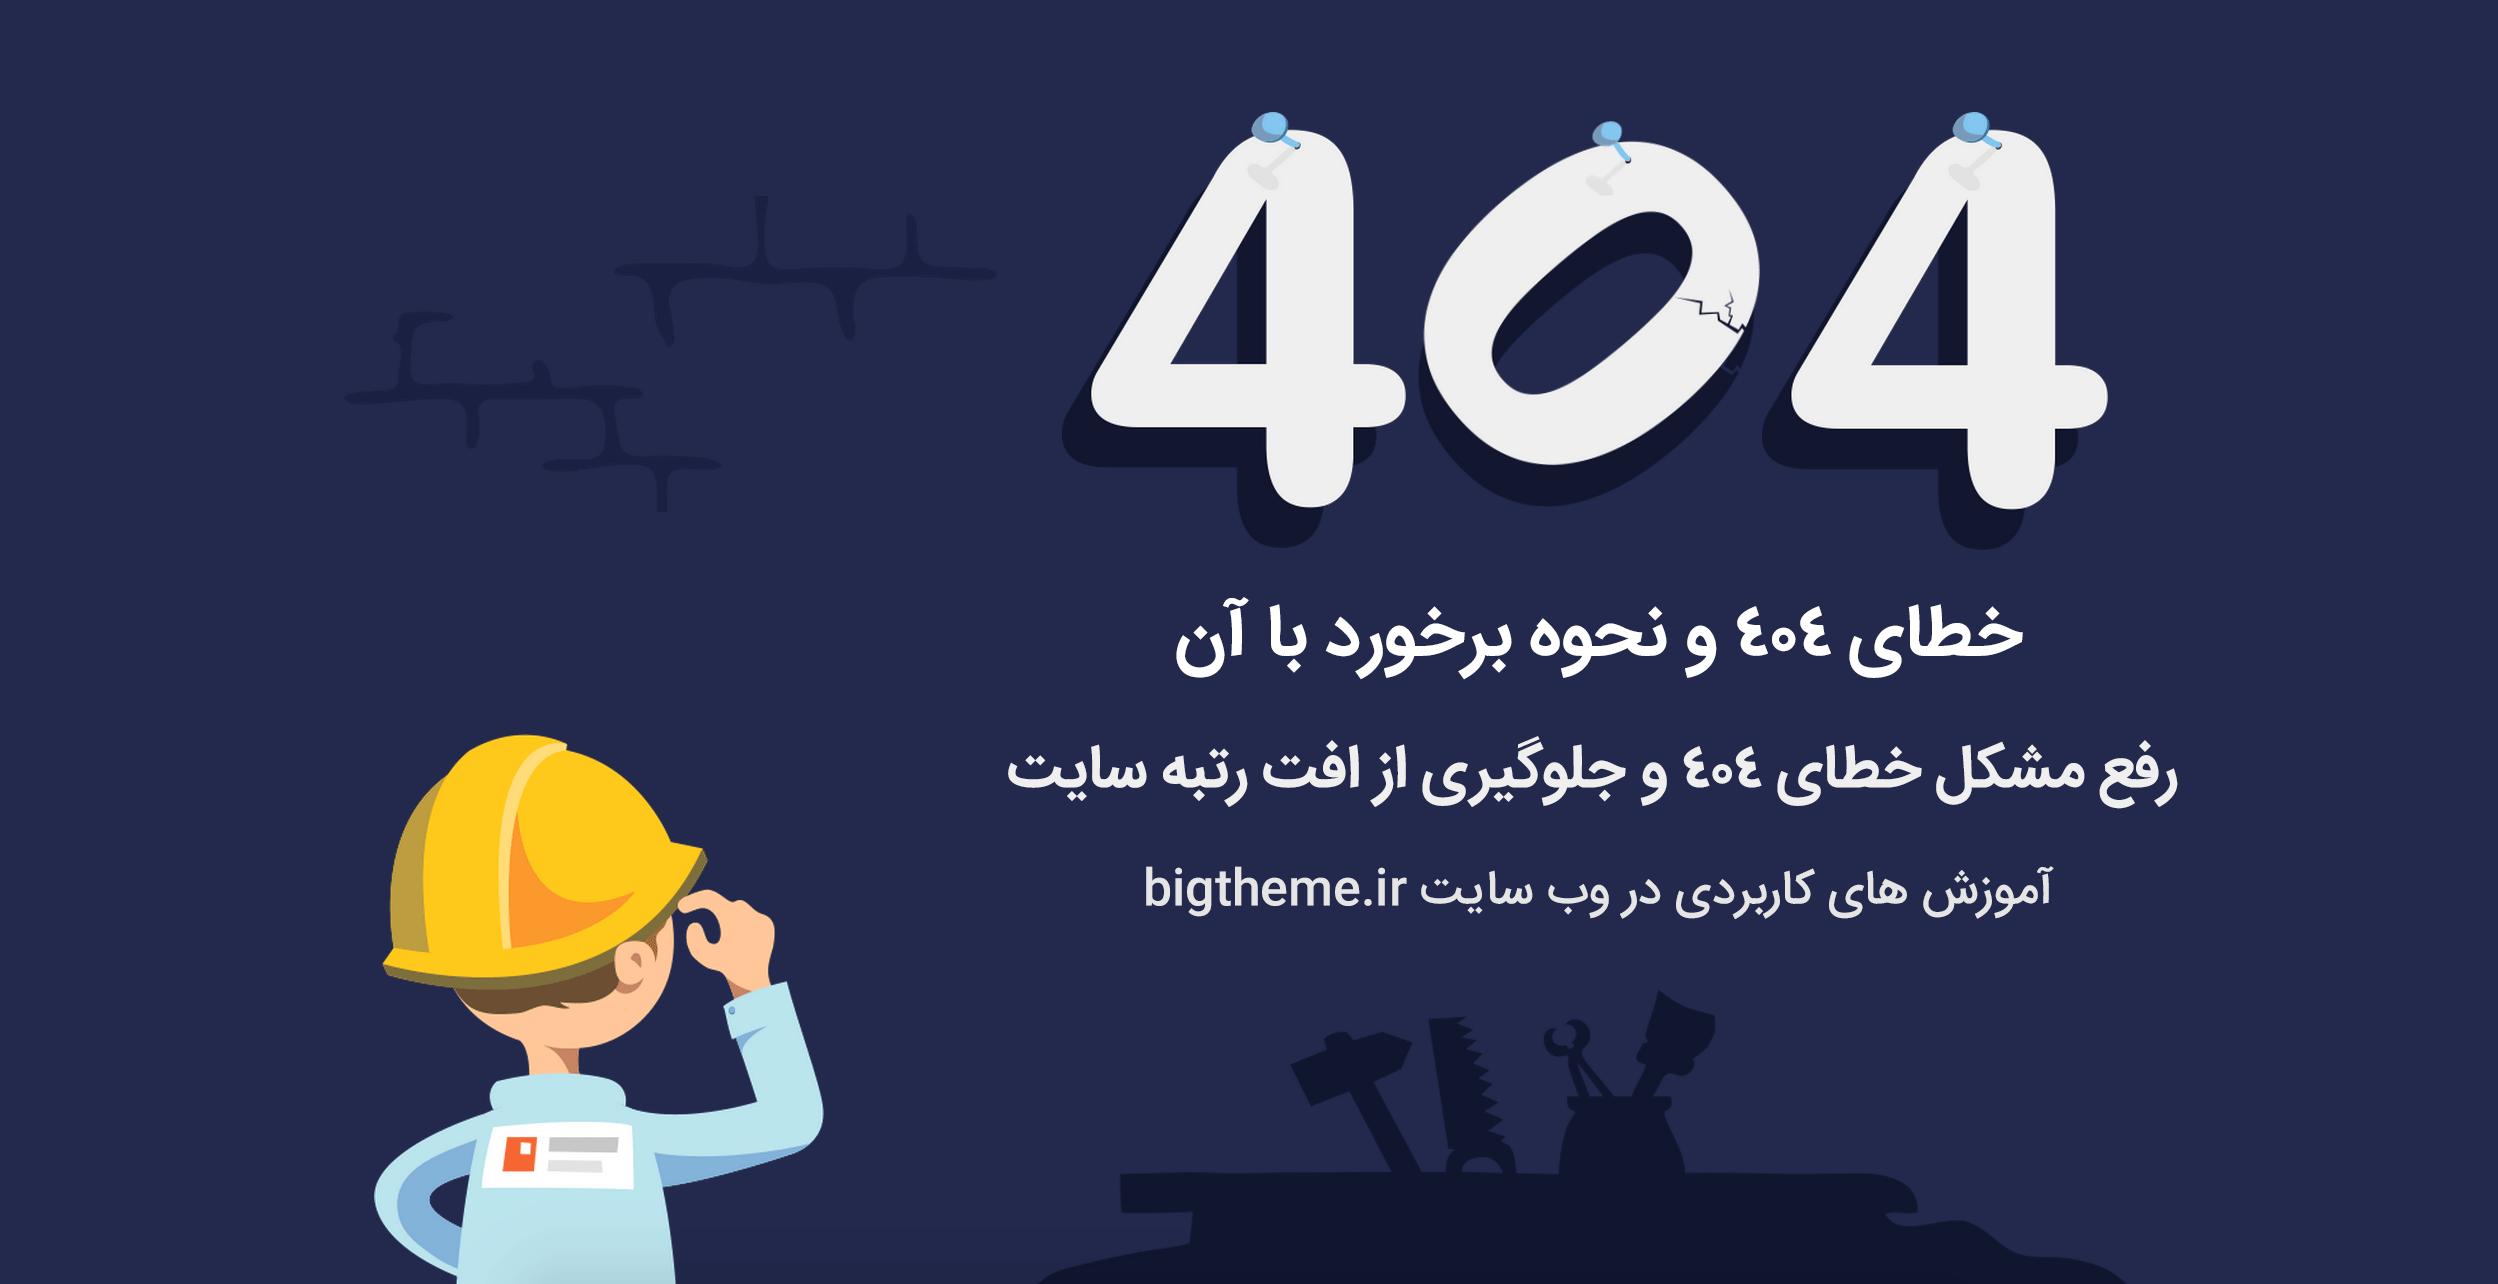 خطای 404 در سایت